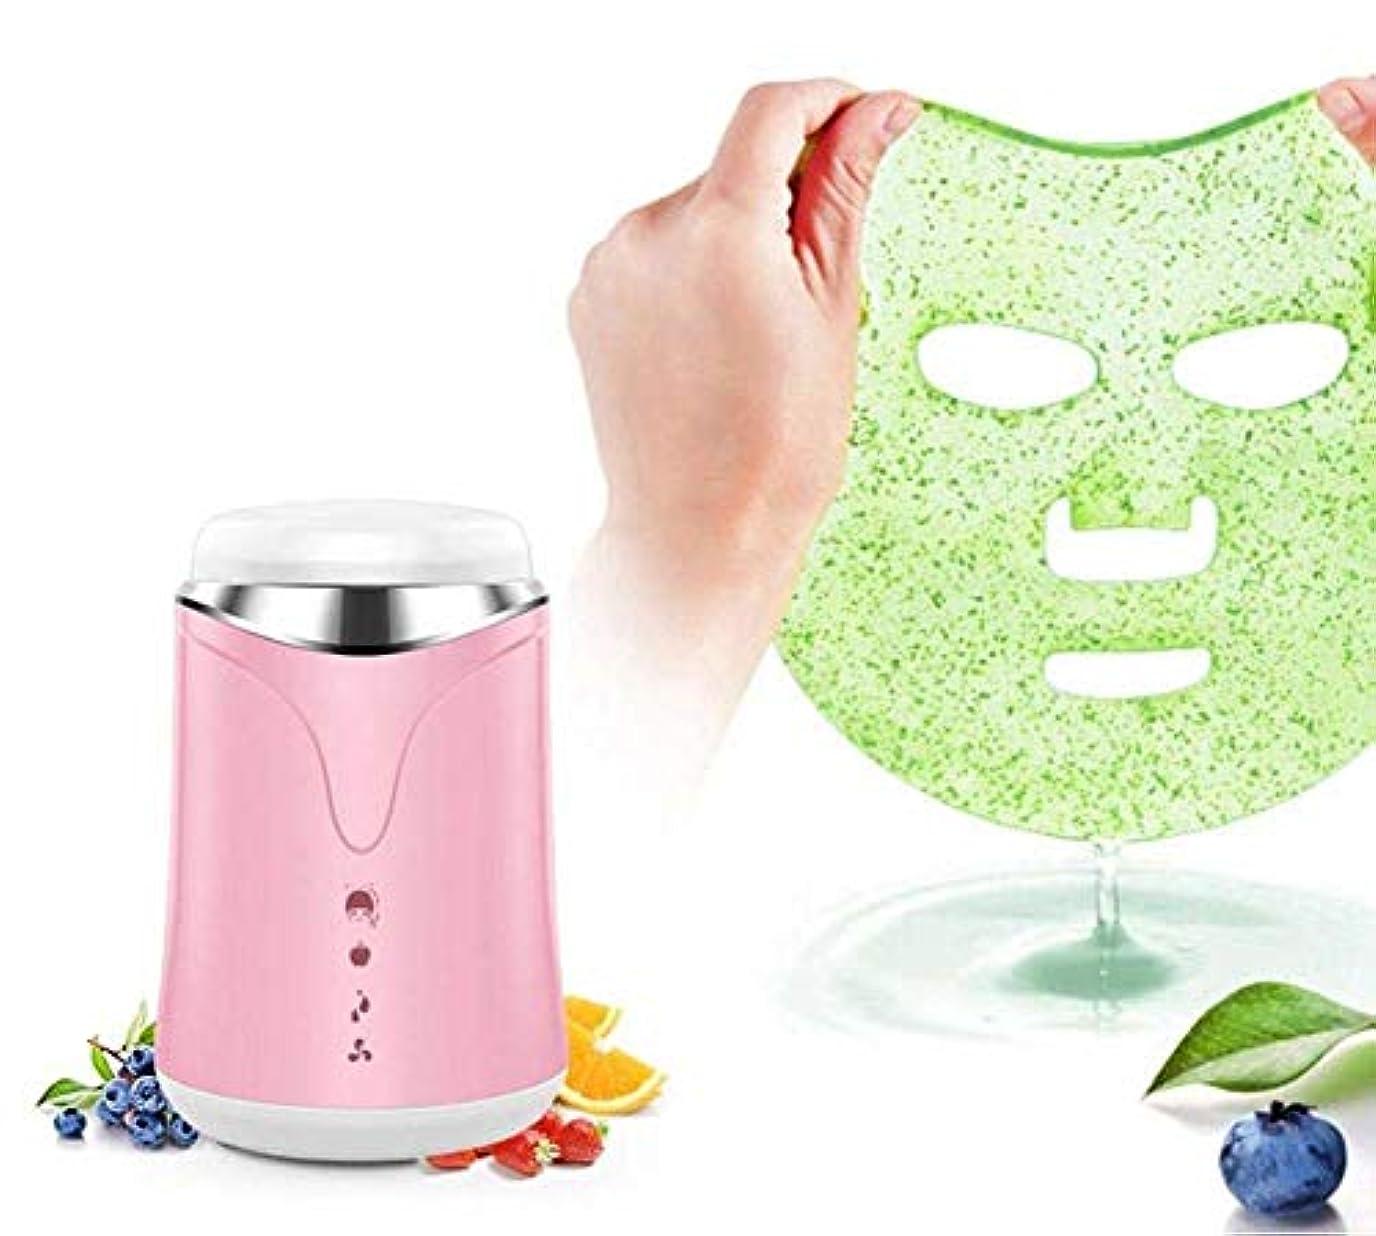 悲観的または一瞬果物と野菜のマスクを作るマシン、顔の汽船インテリジェント自動フェイシャルケア機器/保湿美容機器自家製の液体マスク,Pink